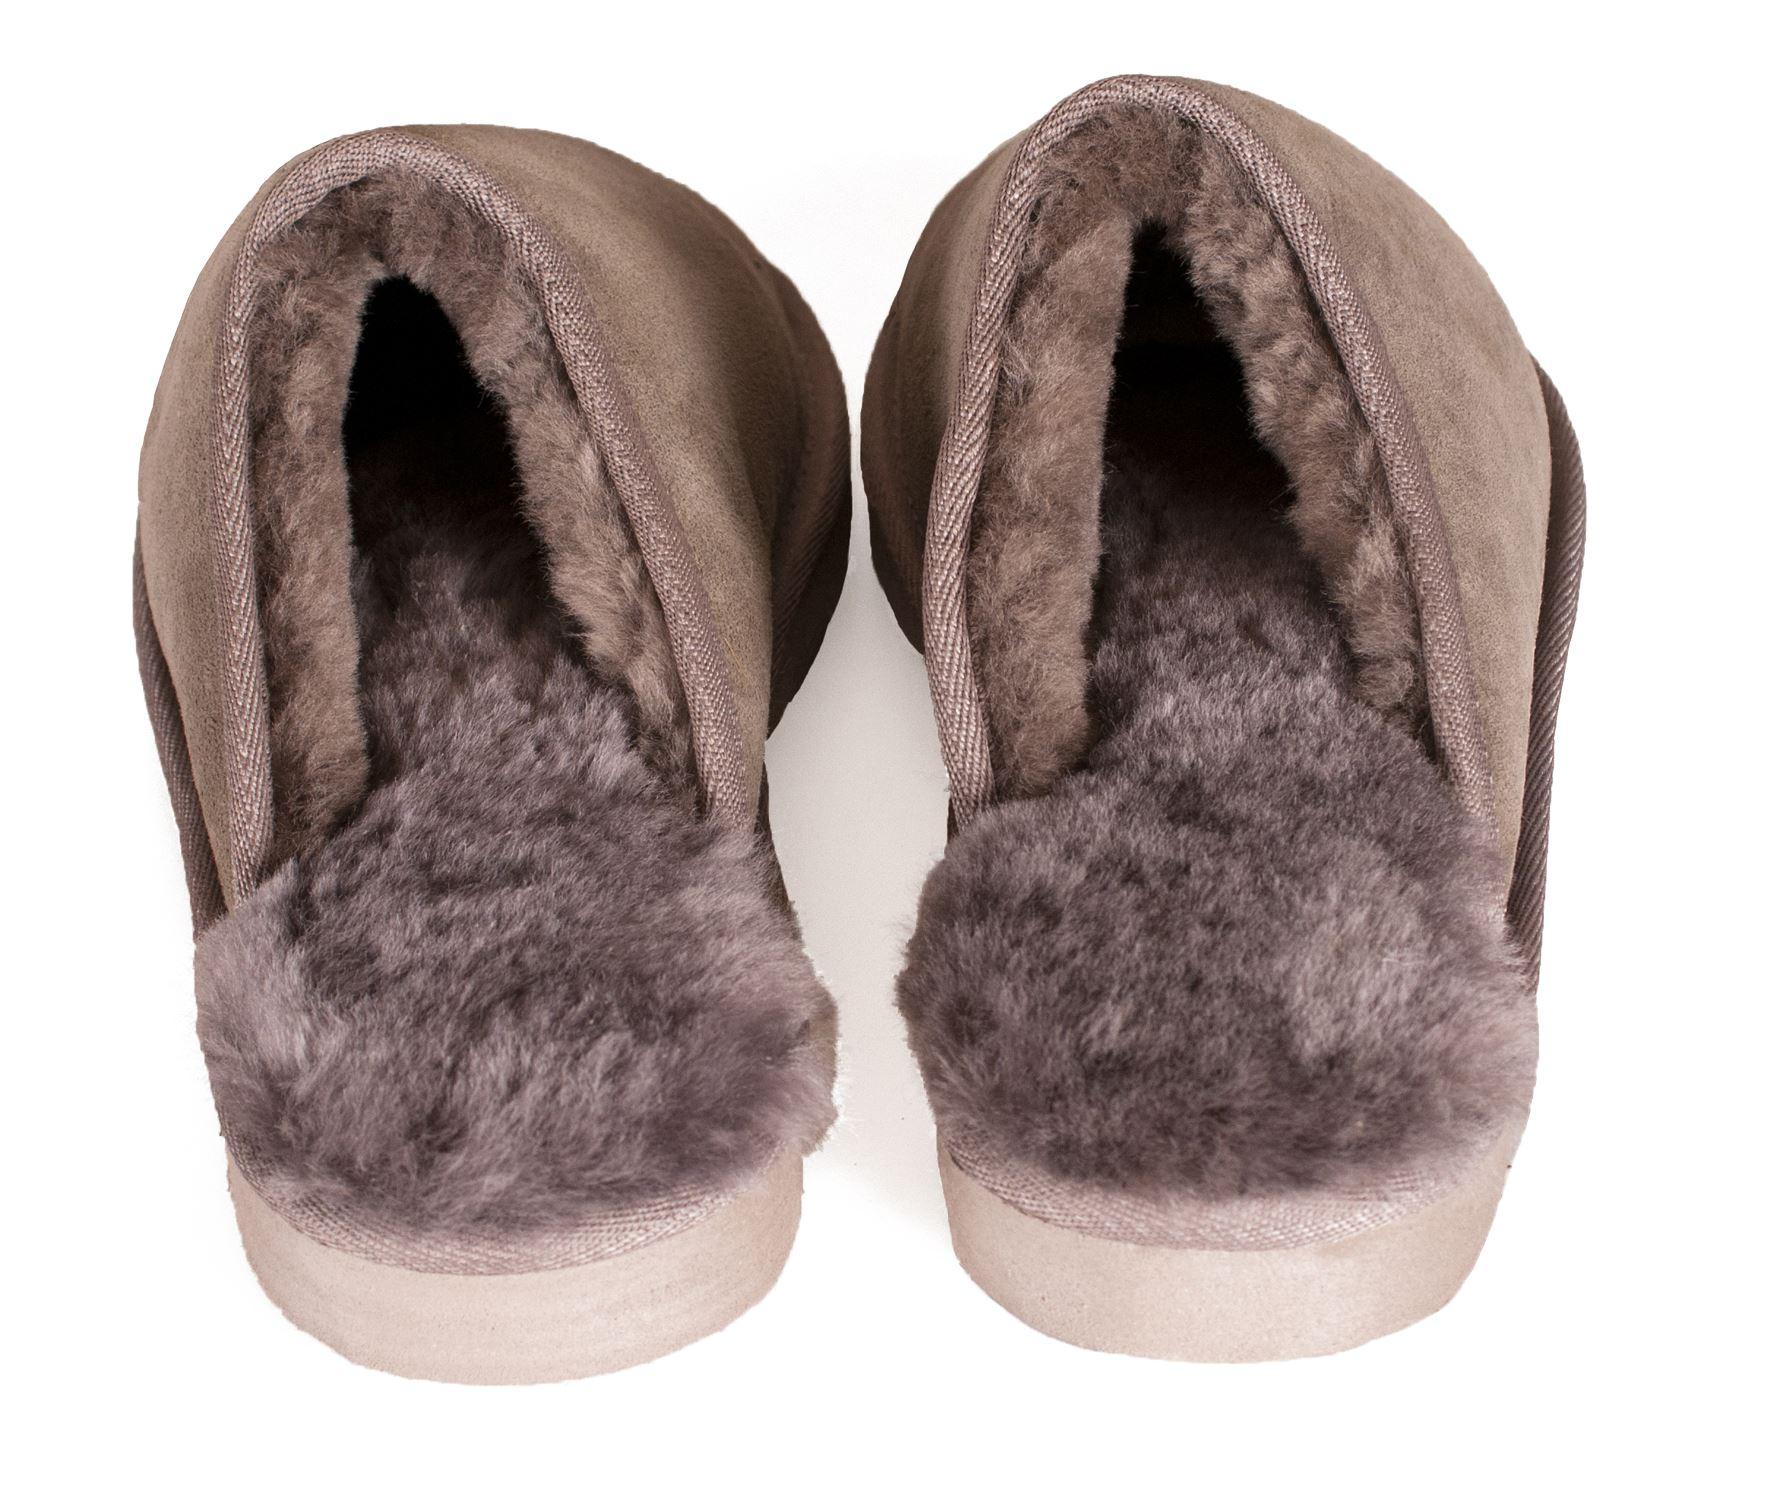 nordvek damen echt lammfell hausschuhe pantolet rutschsicher harte sohlen damen ebay. Black Bedroom Furniture Sets. Home Design Ideas